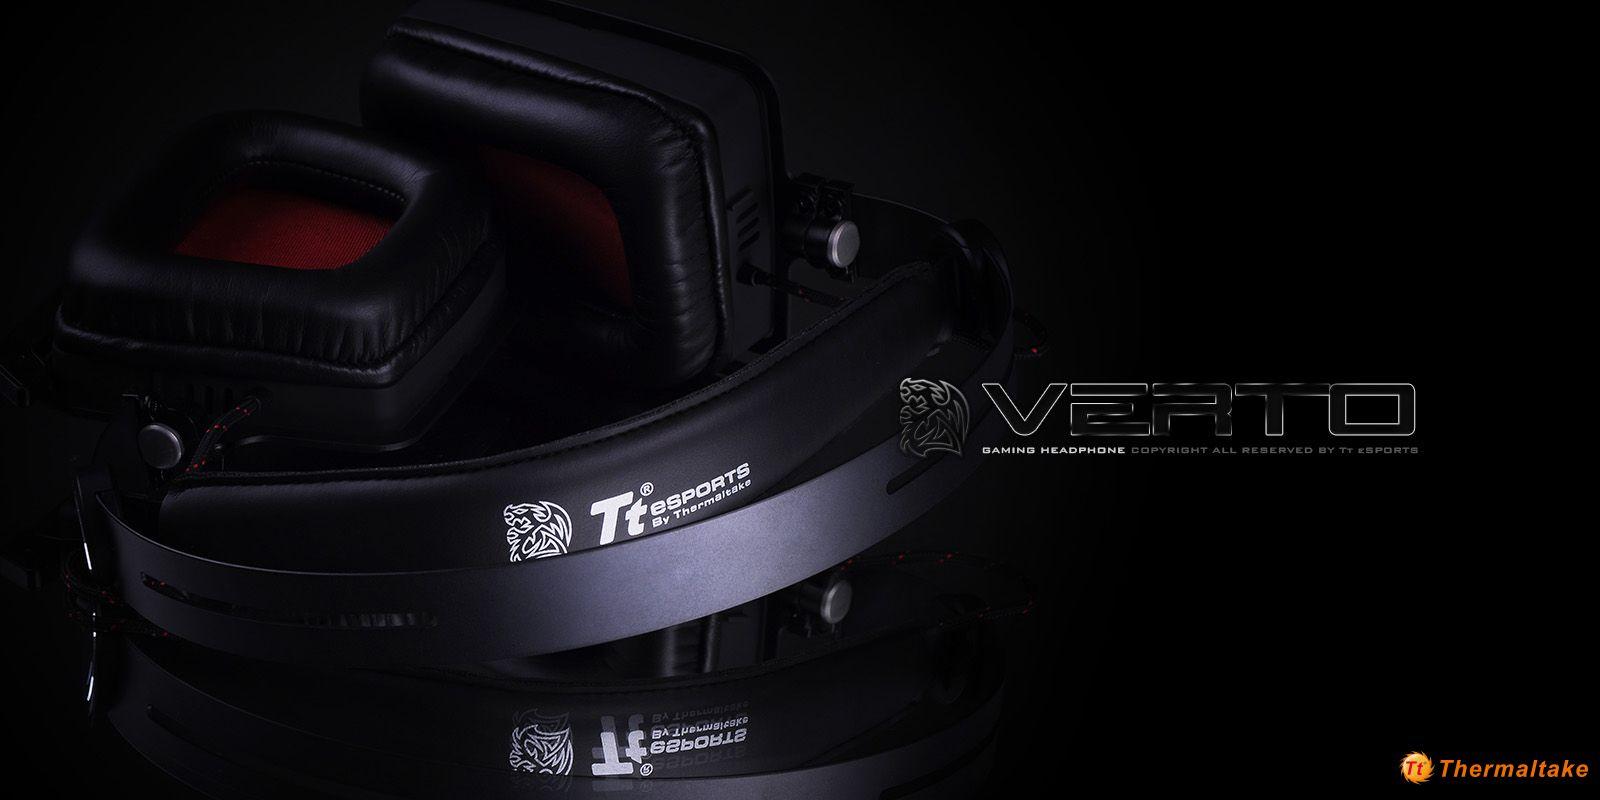 VERTO headset - 5